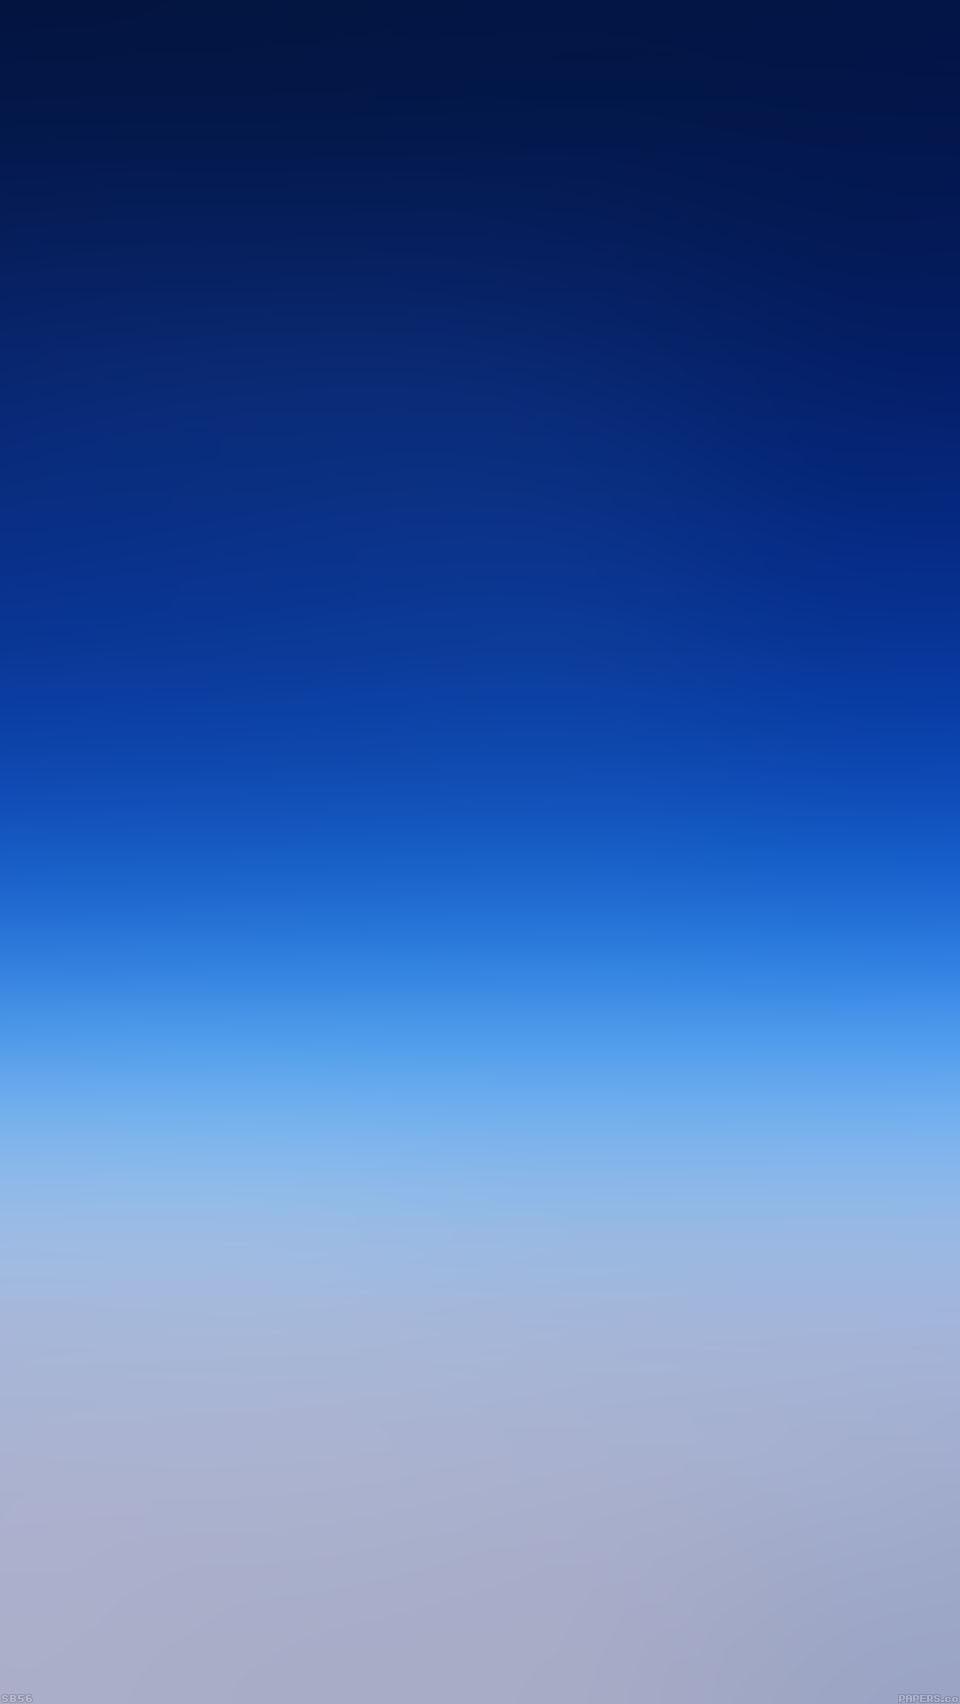 シンプル使いやすい 無地色 スマホ壁紙 待ち受けホーム画面 Naver